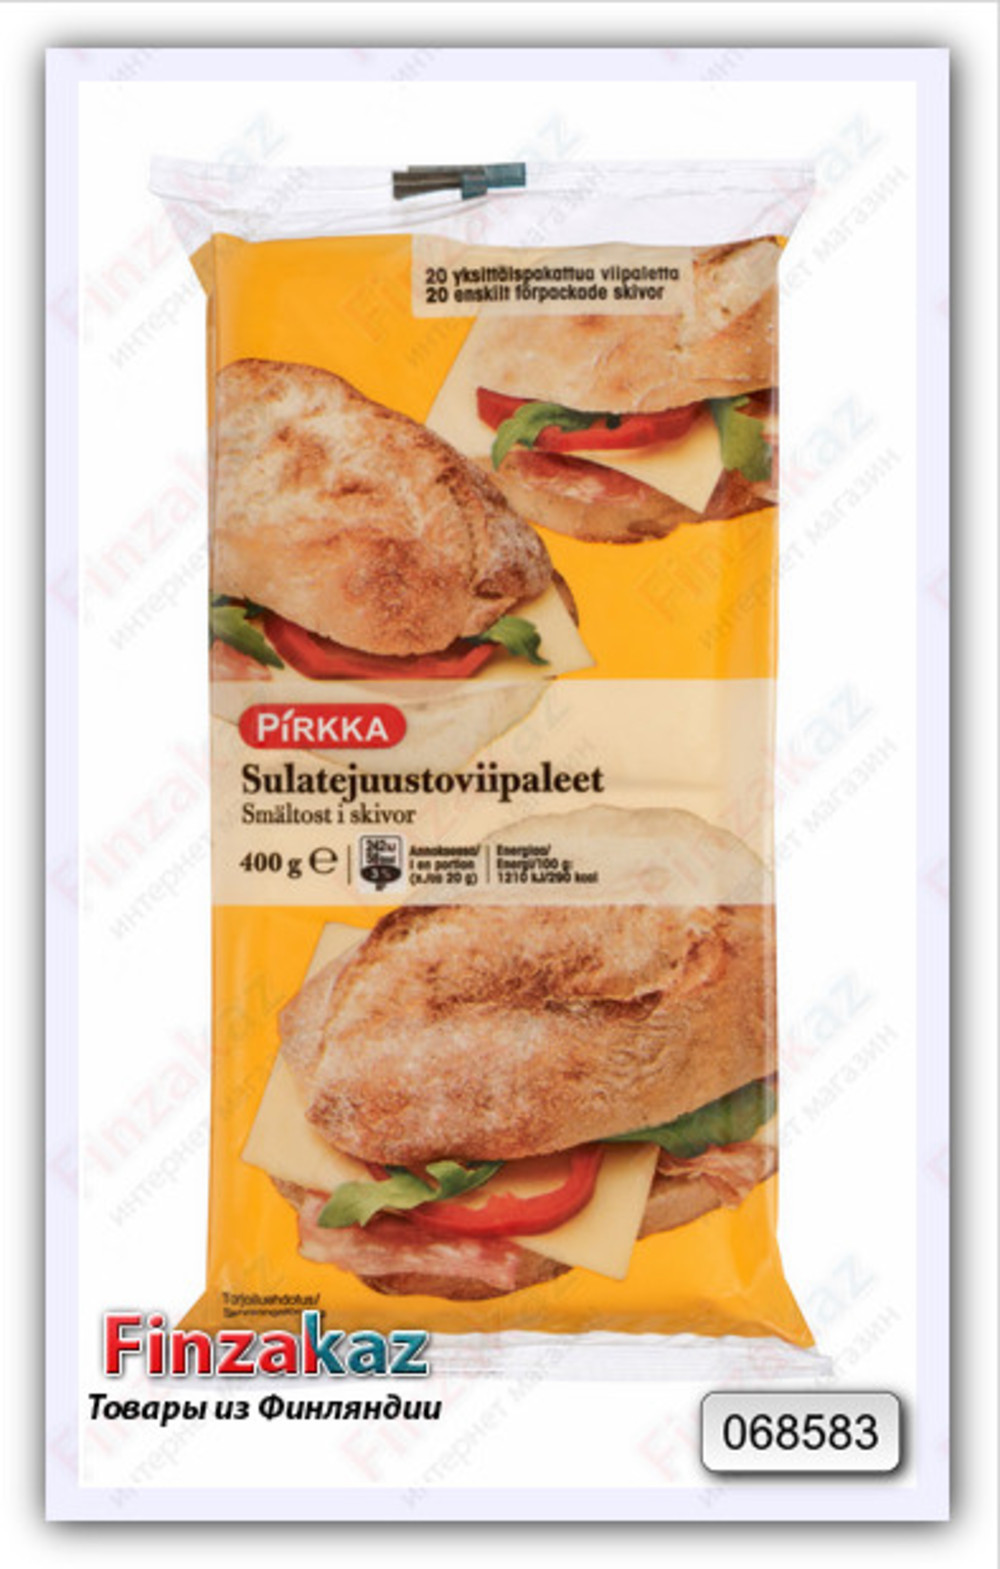 Плавленый сыр Pirkka в ломтиках (20 шт) 400 гр